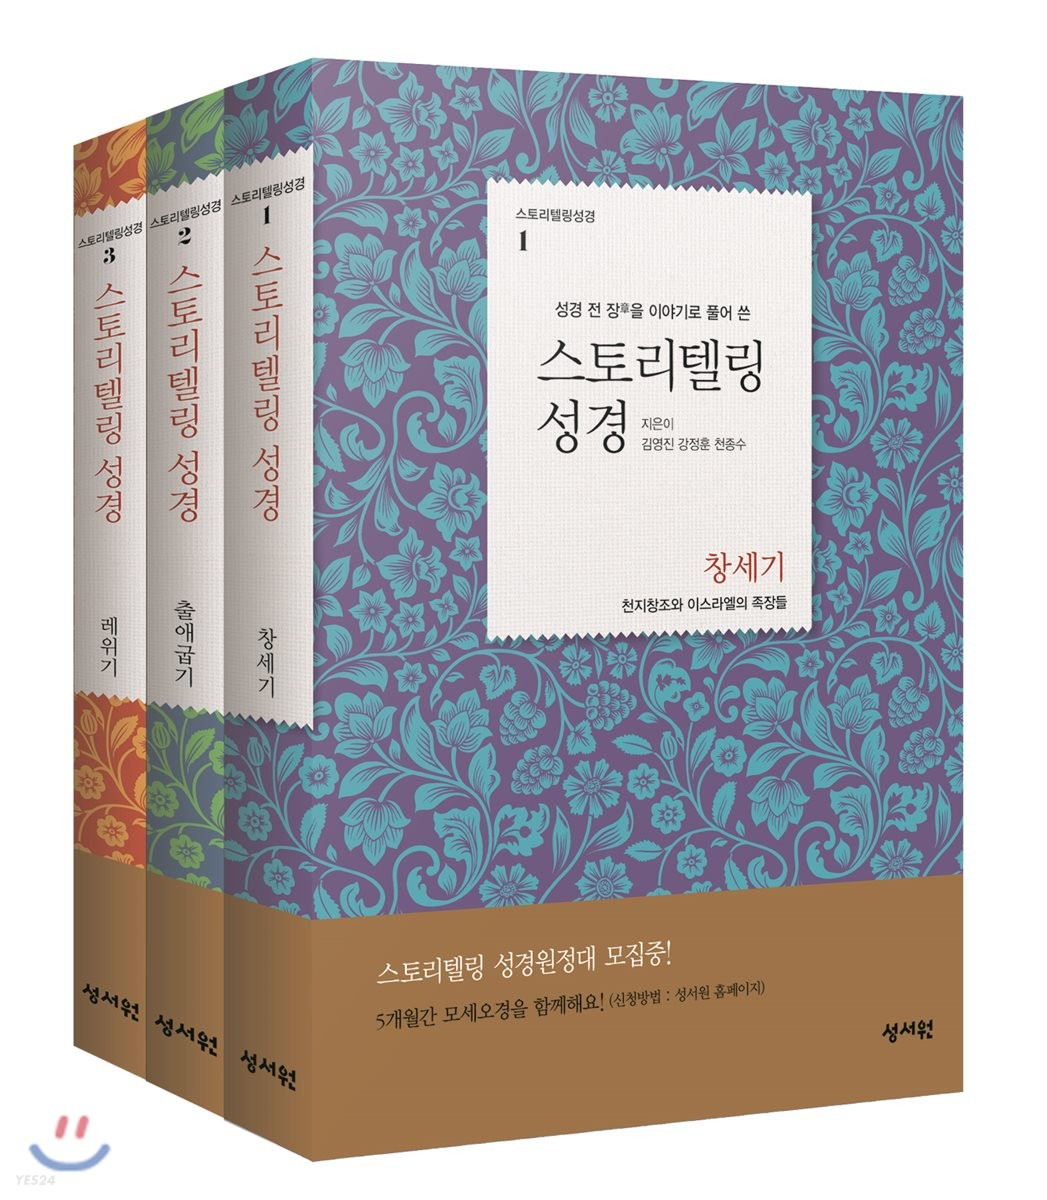 스토리텔링 성경 창출레 3권 세트(창세기+출애굽기+레위기)